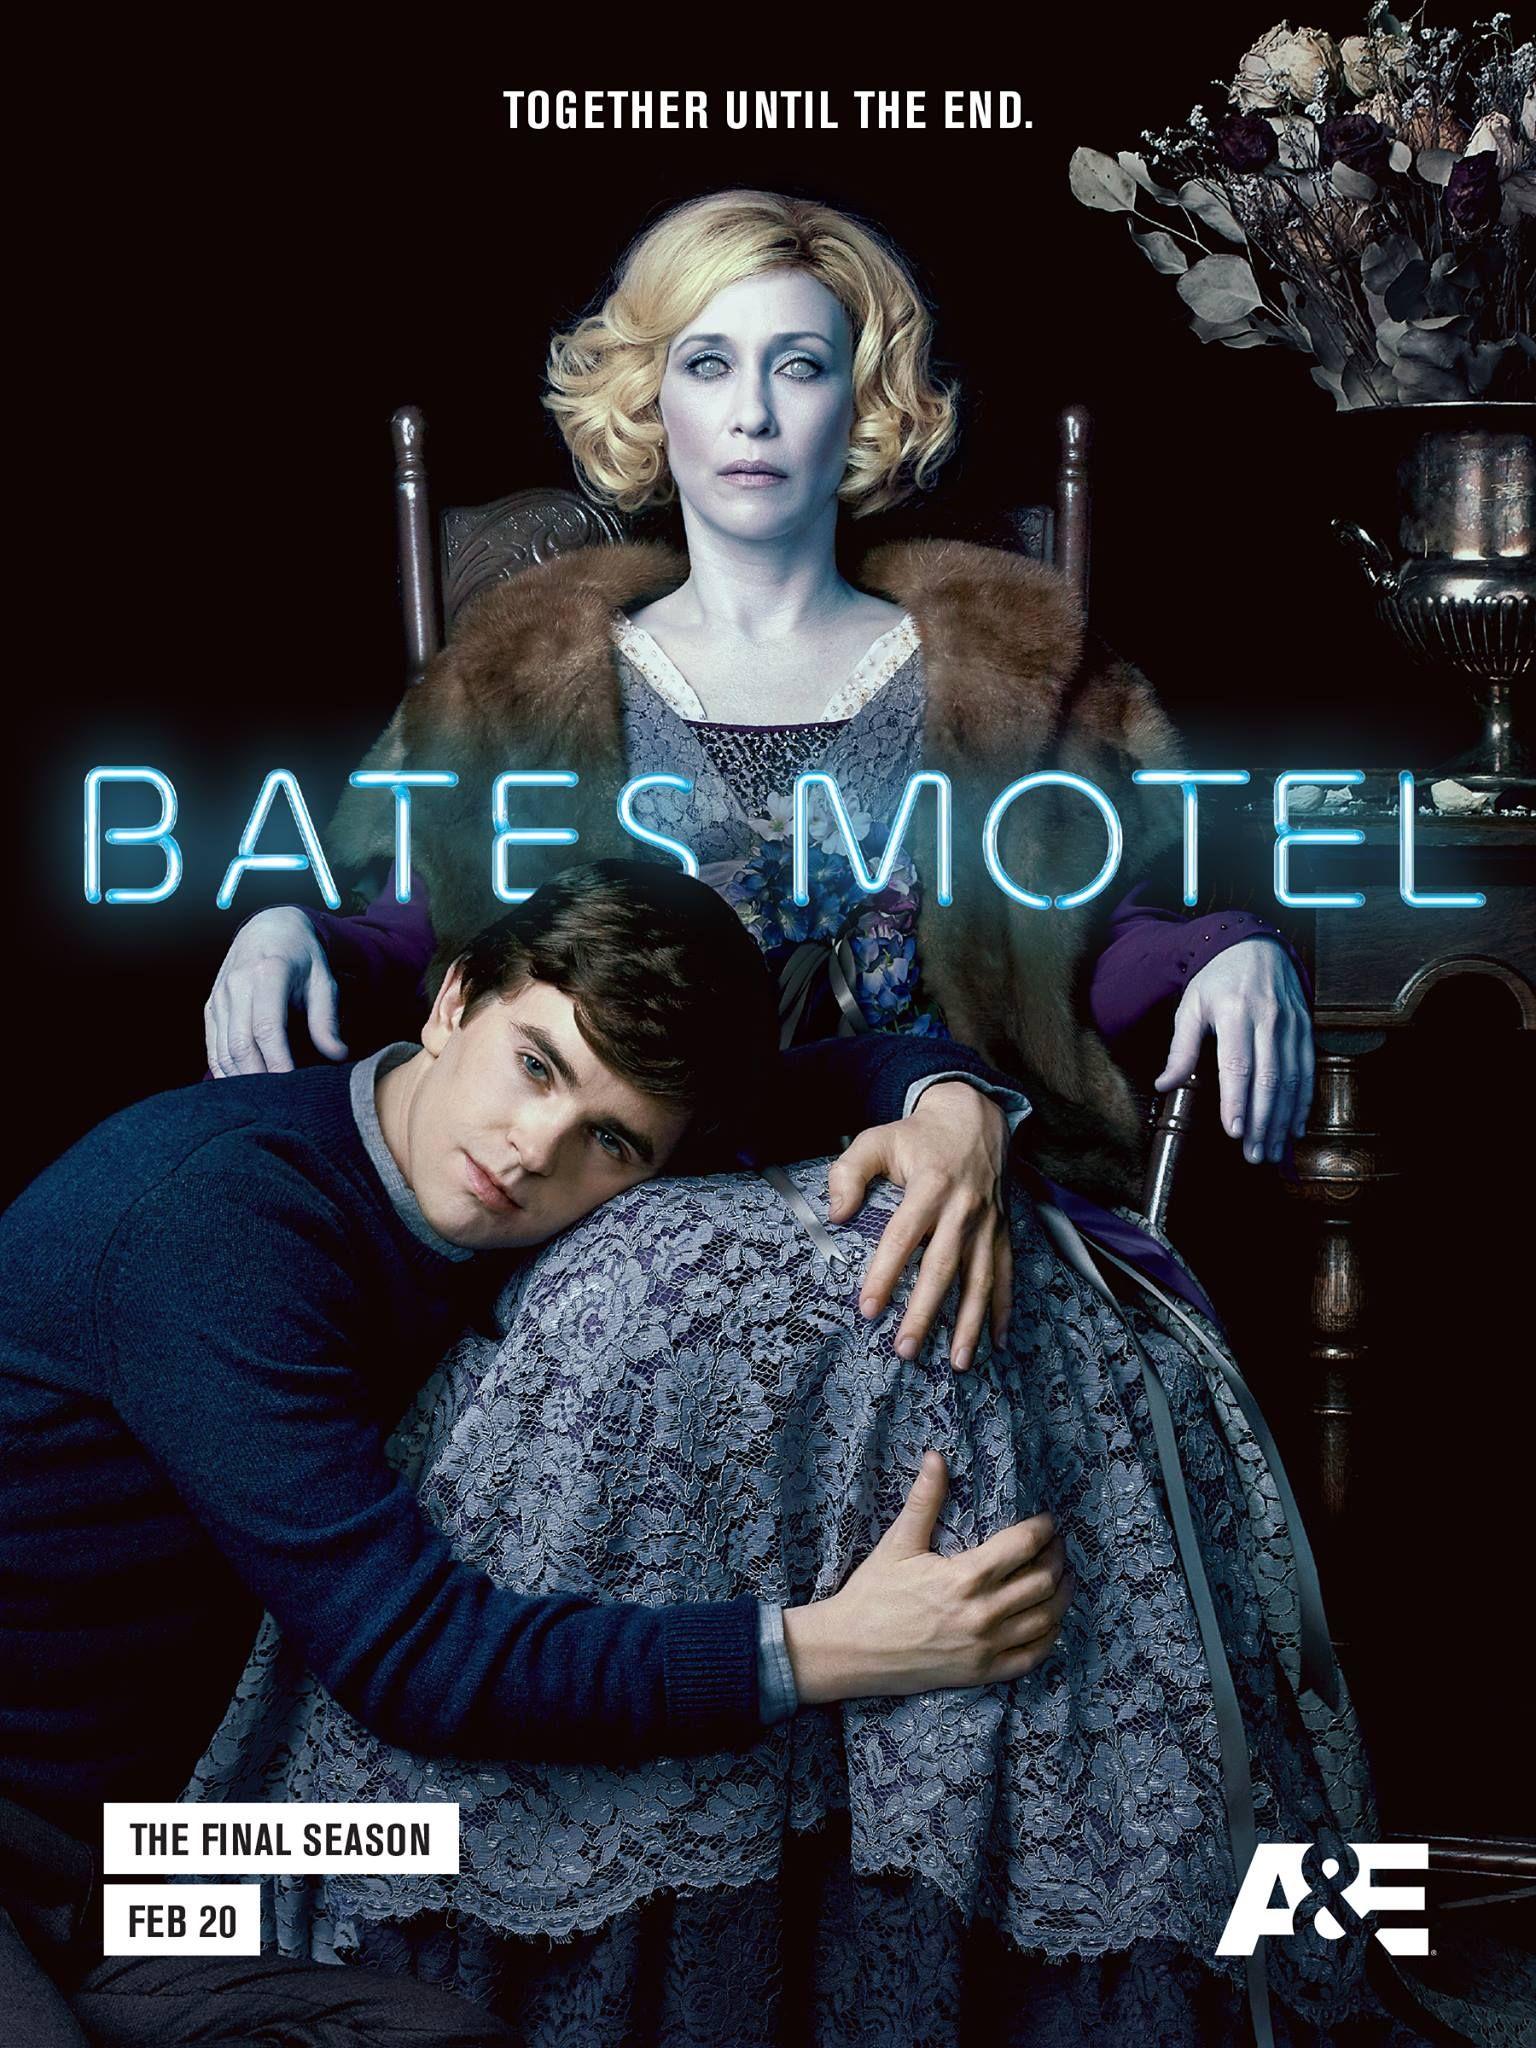 Bates Motel Quinta Temporada Posters Bates Motel Bates Motel Season 5 Bates Motel Movie